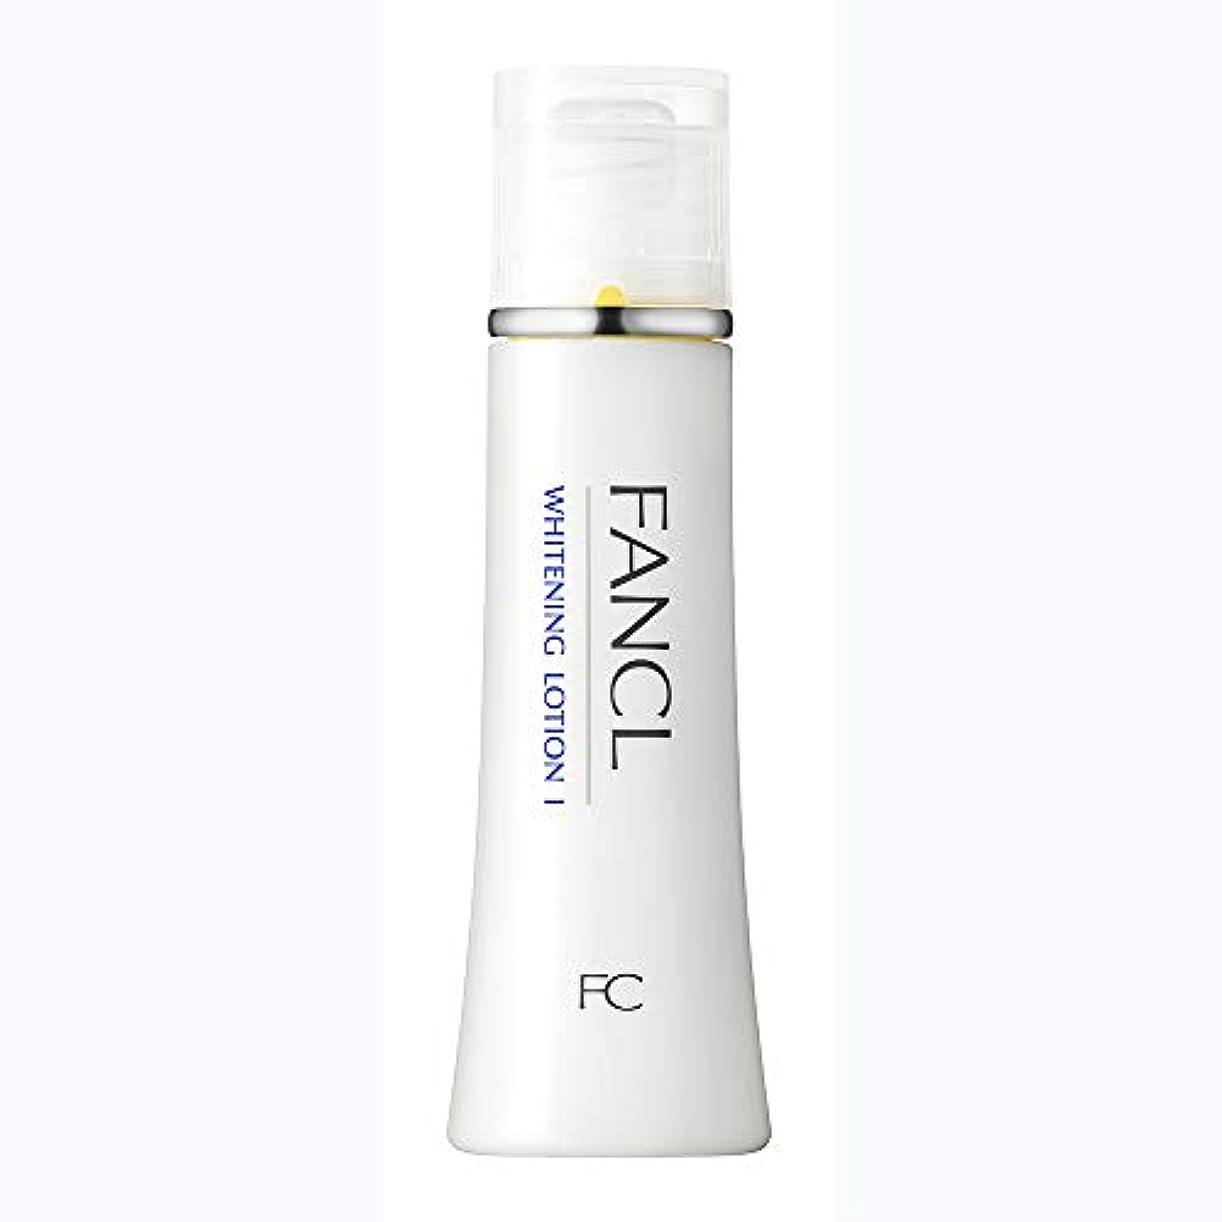 海洋基礎州ファンケル(FANCL) 新ホワイトニング 化粧液 I さっぱり 1本 30mL<医薬部外品>